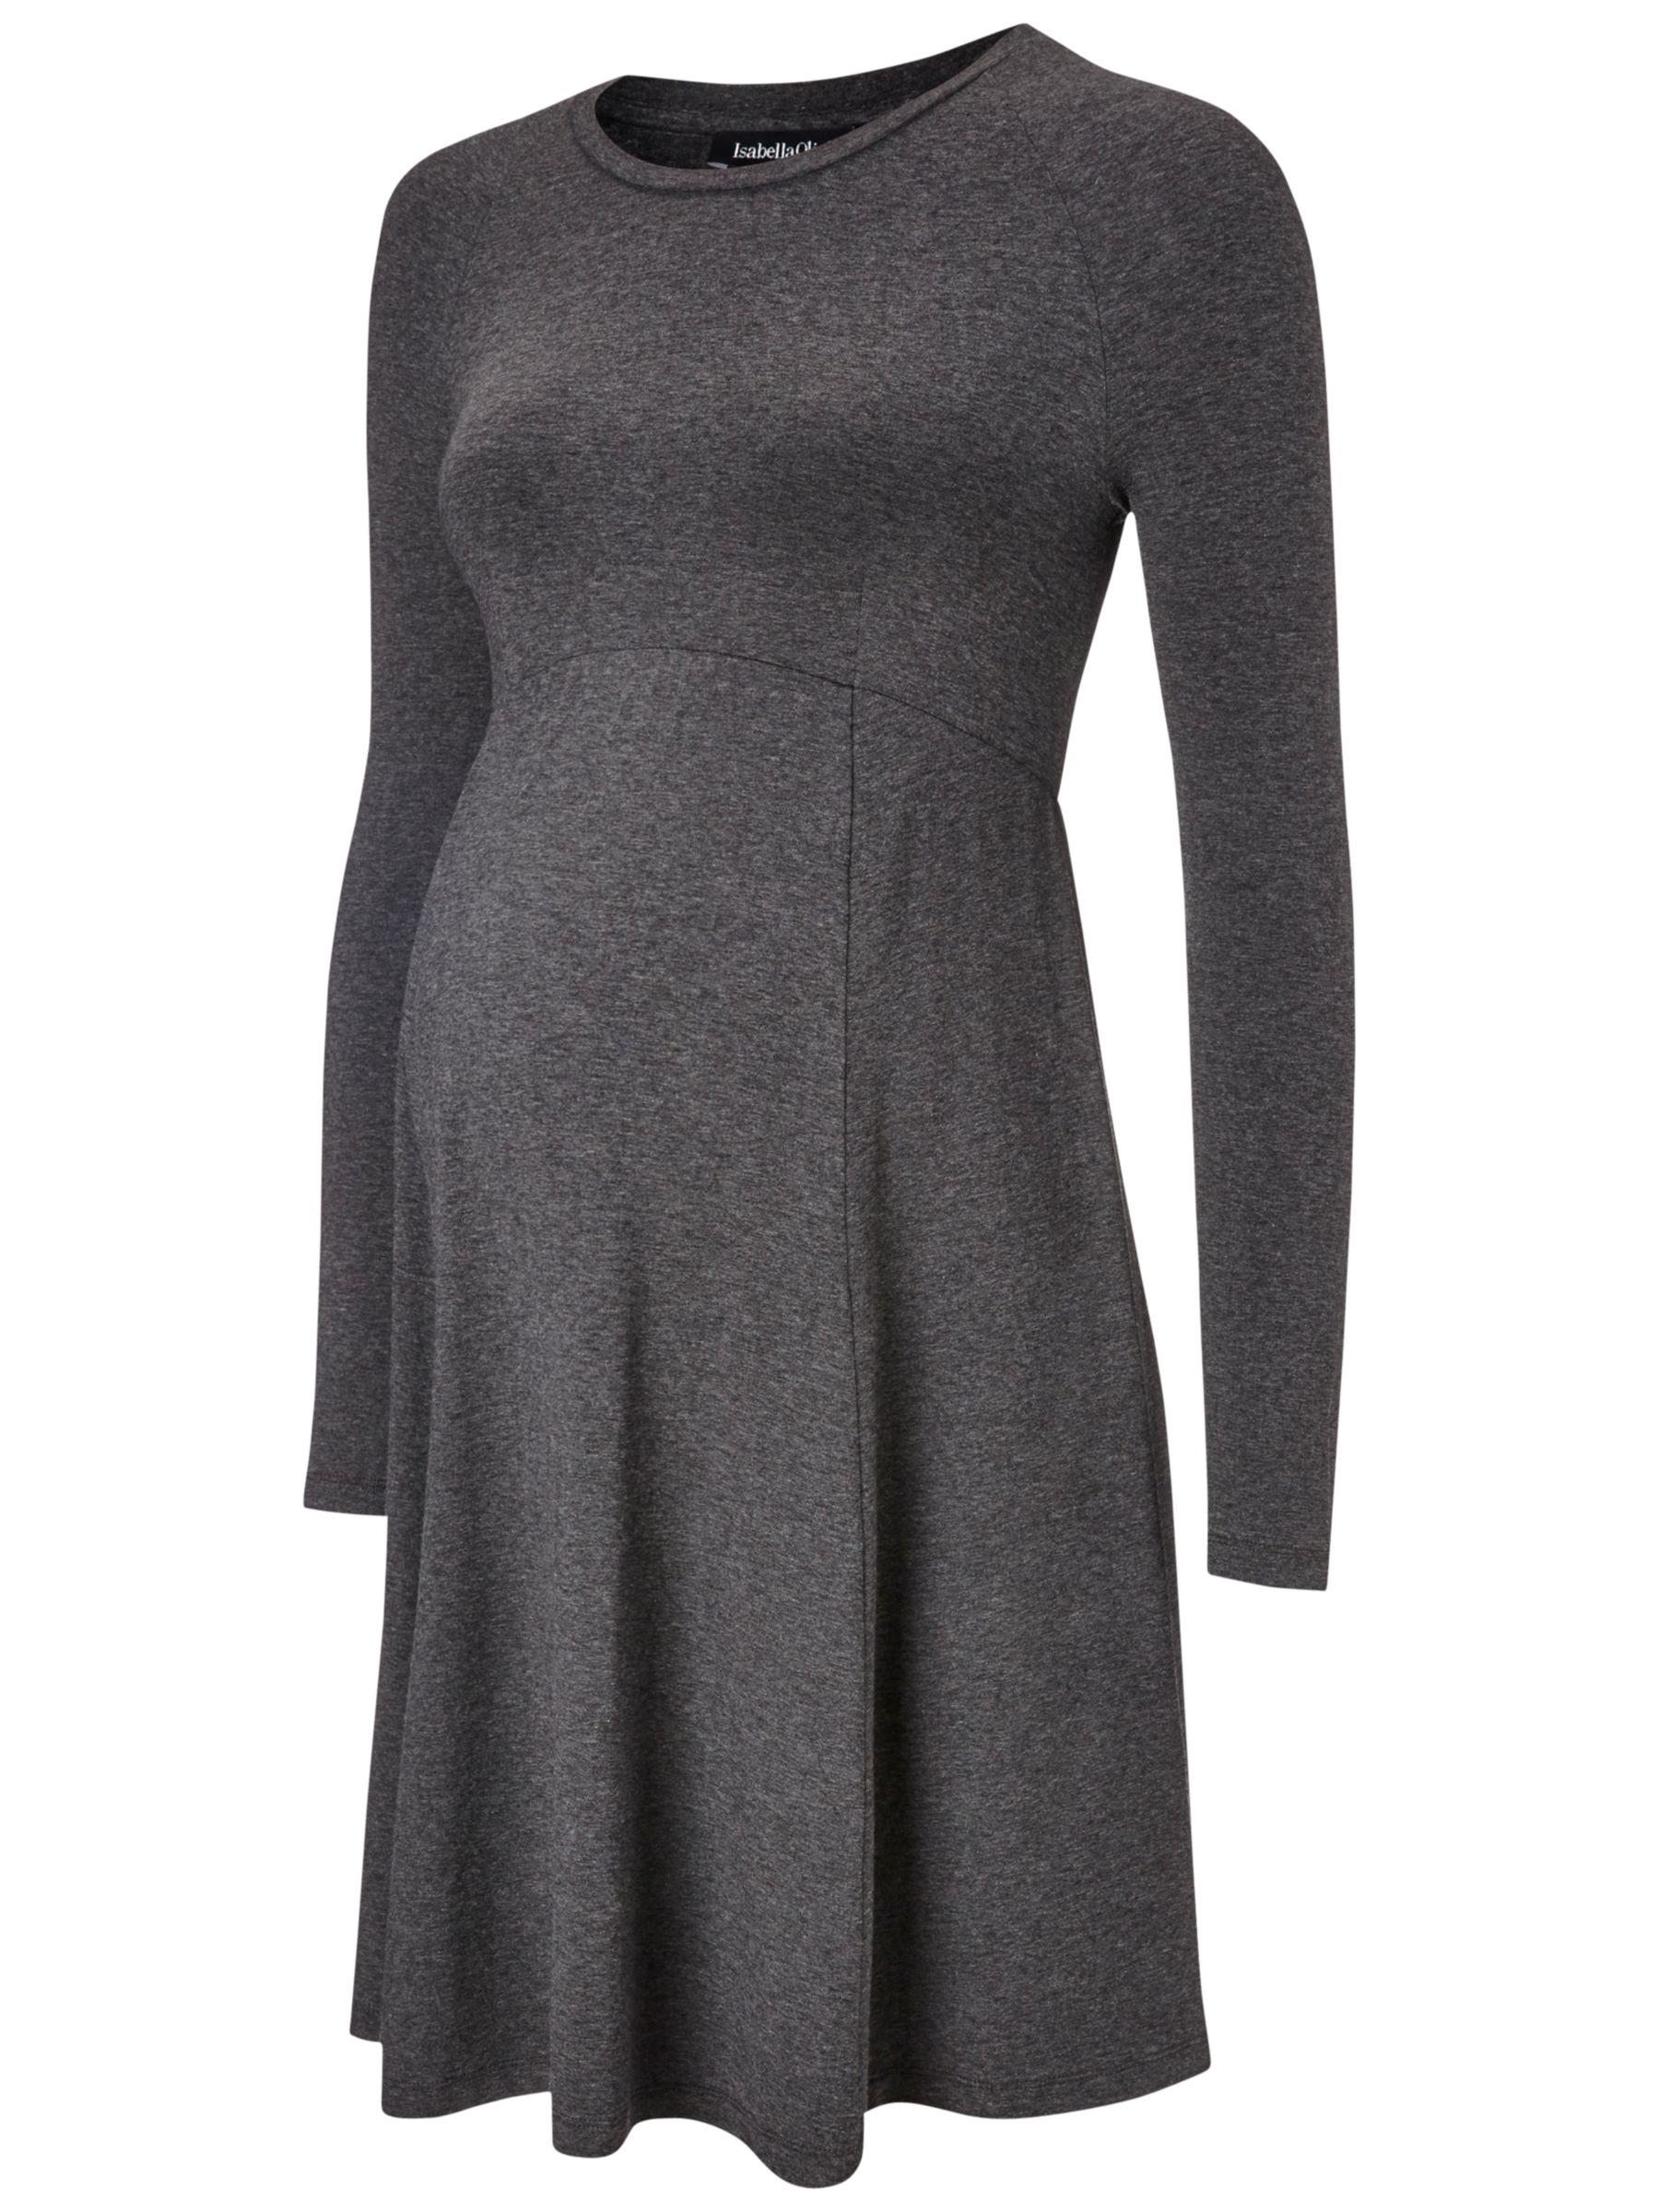 Isabella Oliver Isabella Oliver Danbury Maternity Dress, Dark Grey Melange